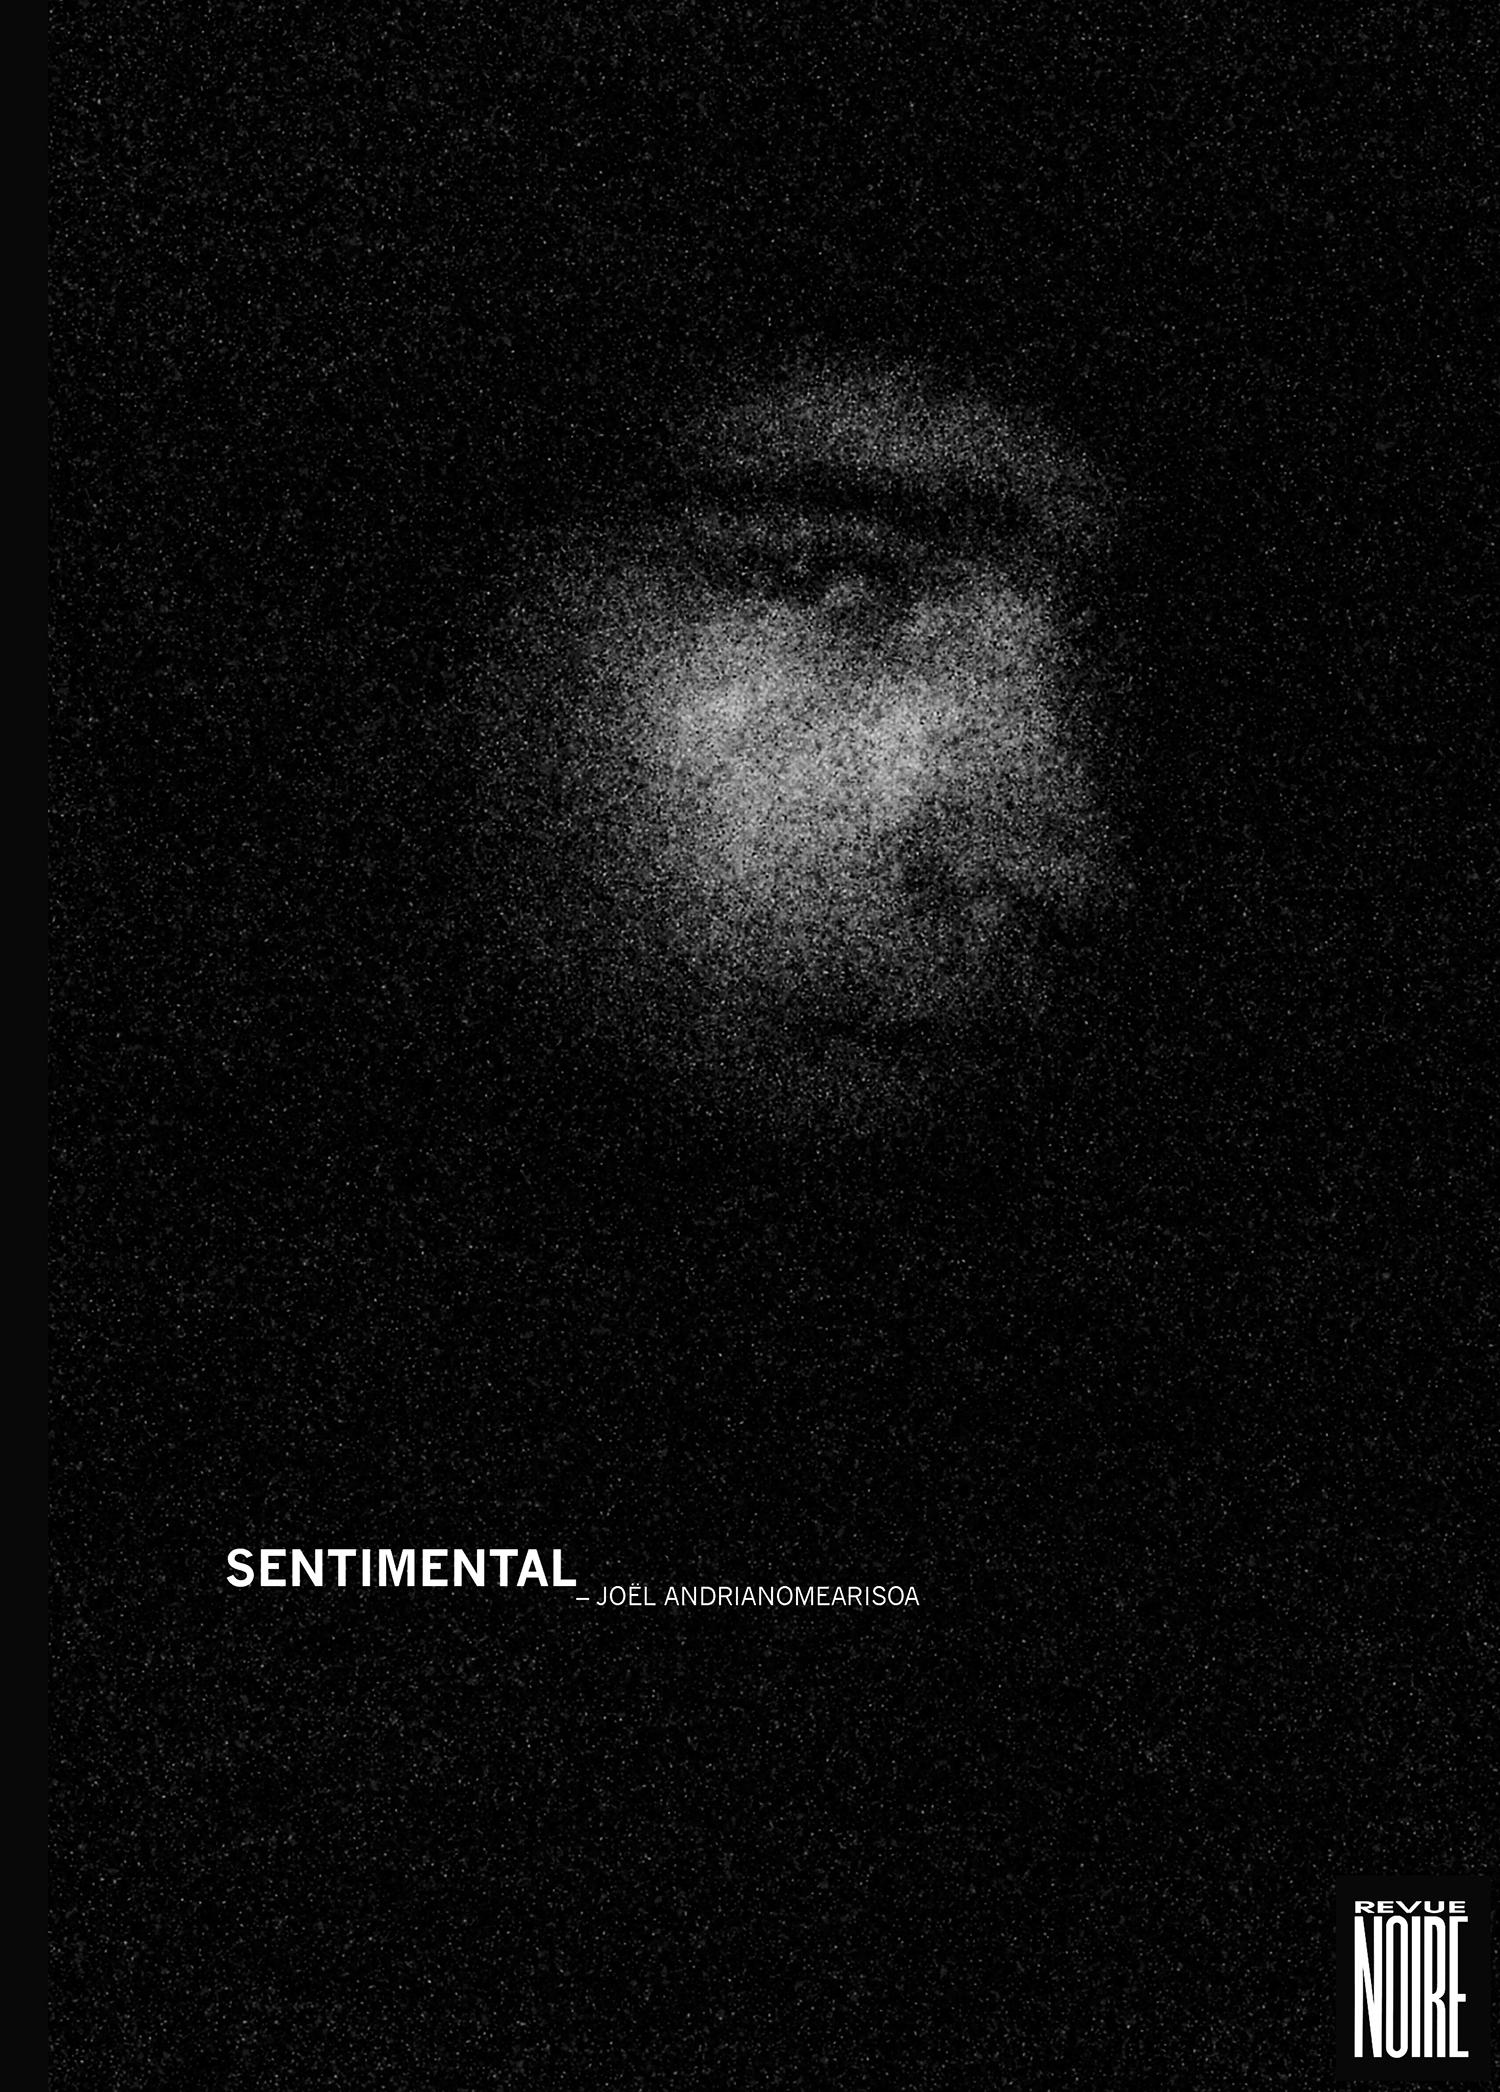 Livre 'Sentimental' de Joël Andrianomearisoa, Revue Noire, 2012